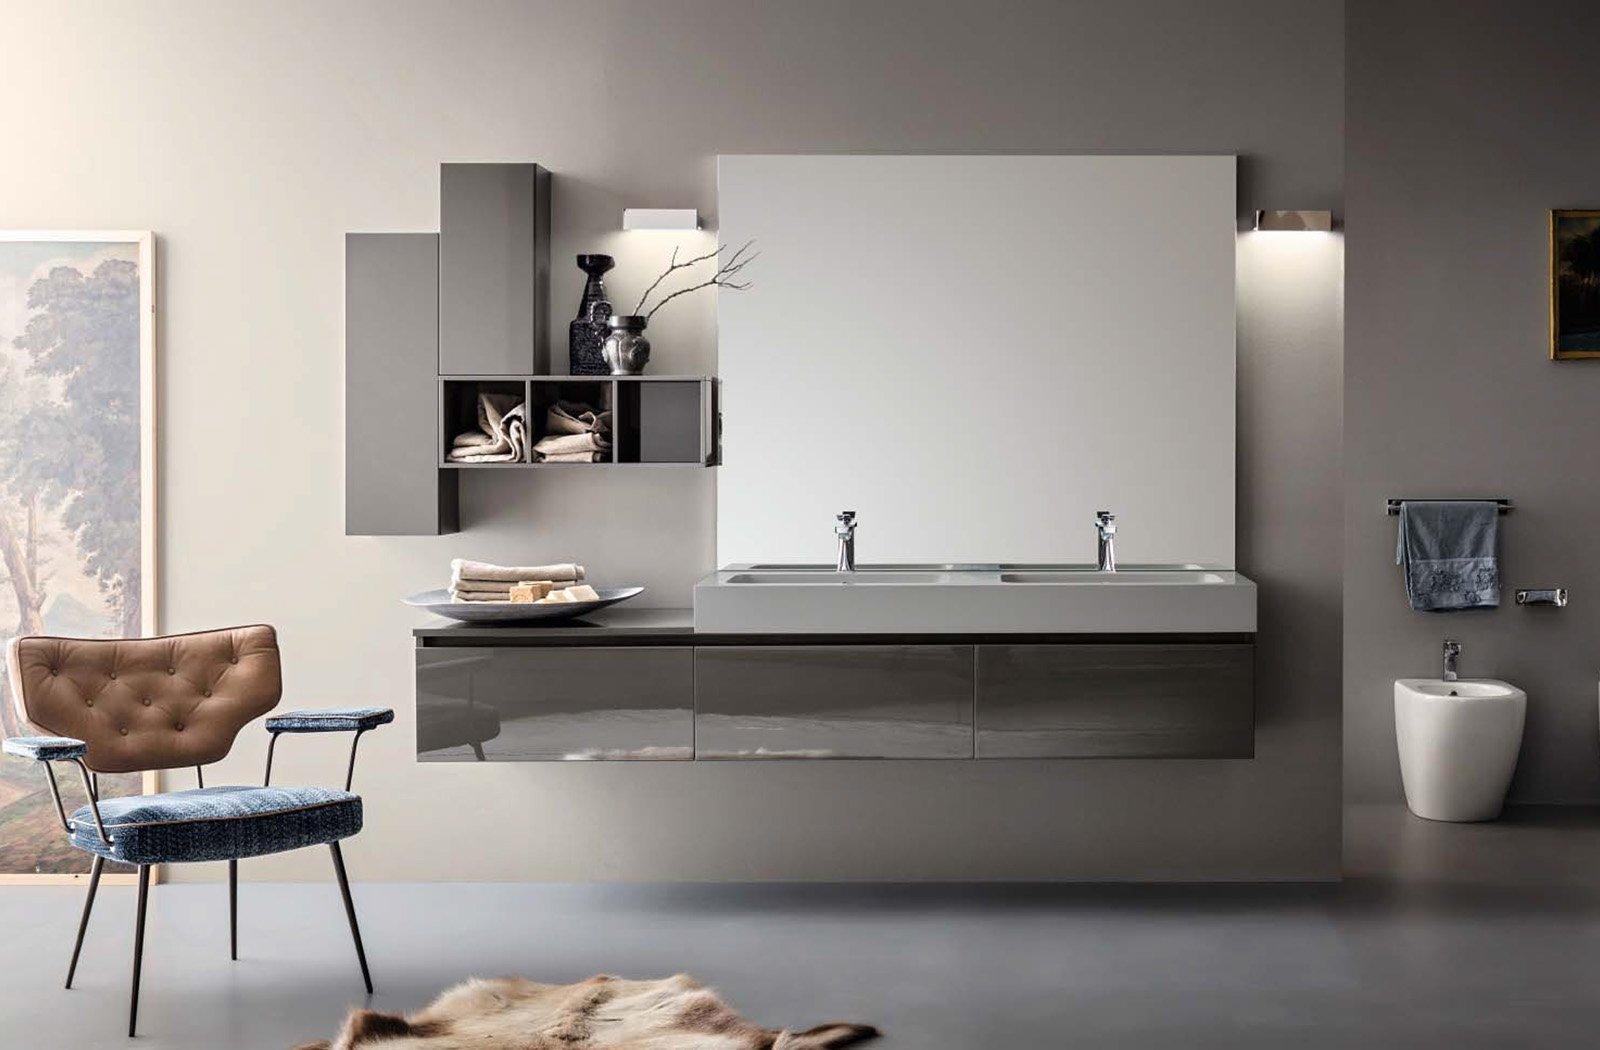 Joy of life by Cerasa: per arredare il bagno con ...